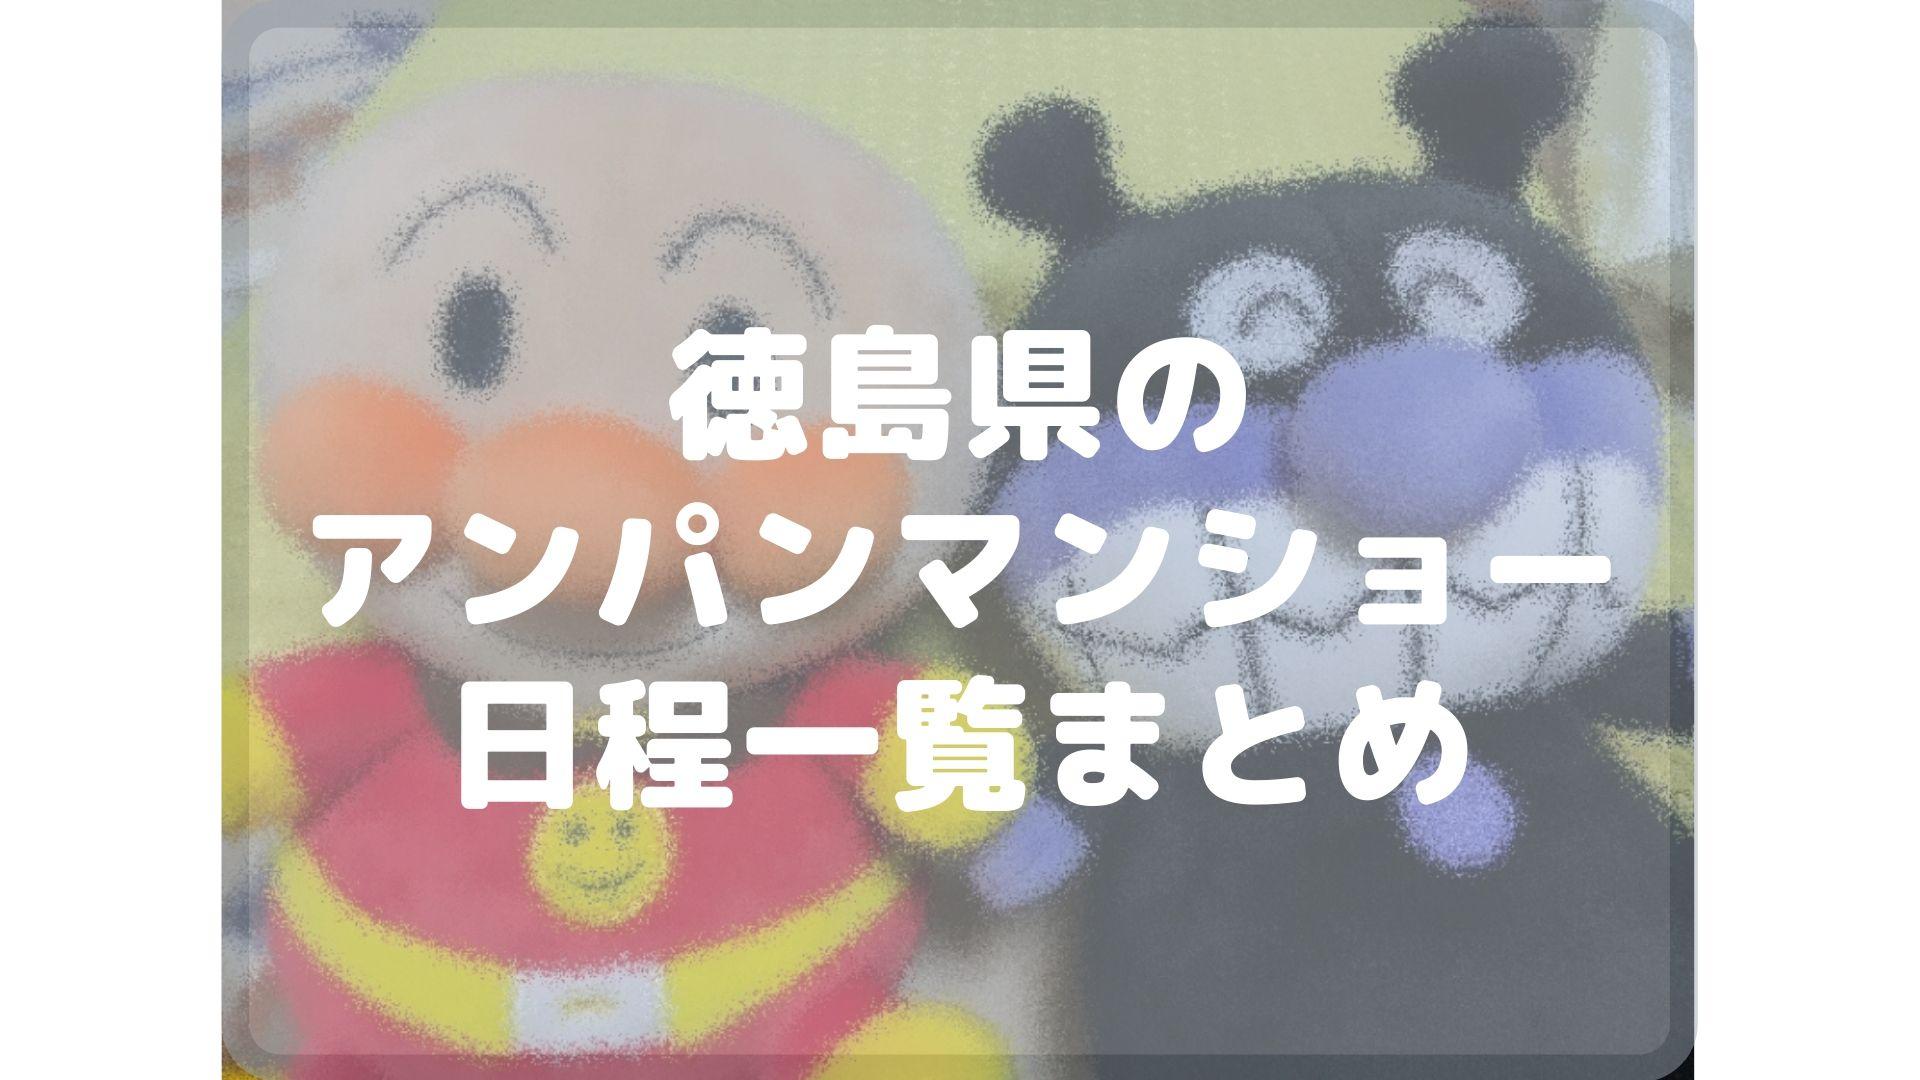 徳島県のアンパンマンショーまとめタイトル画像